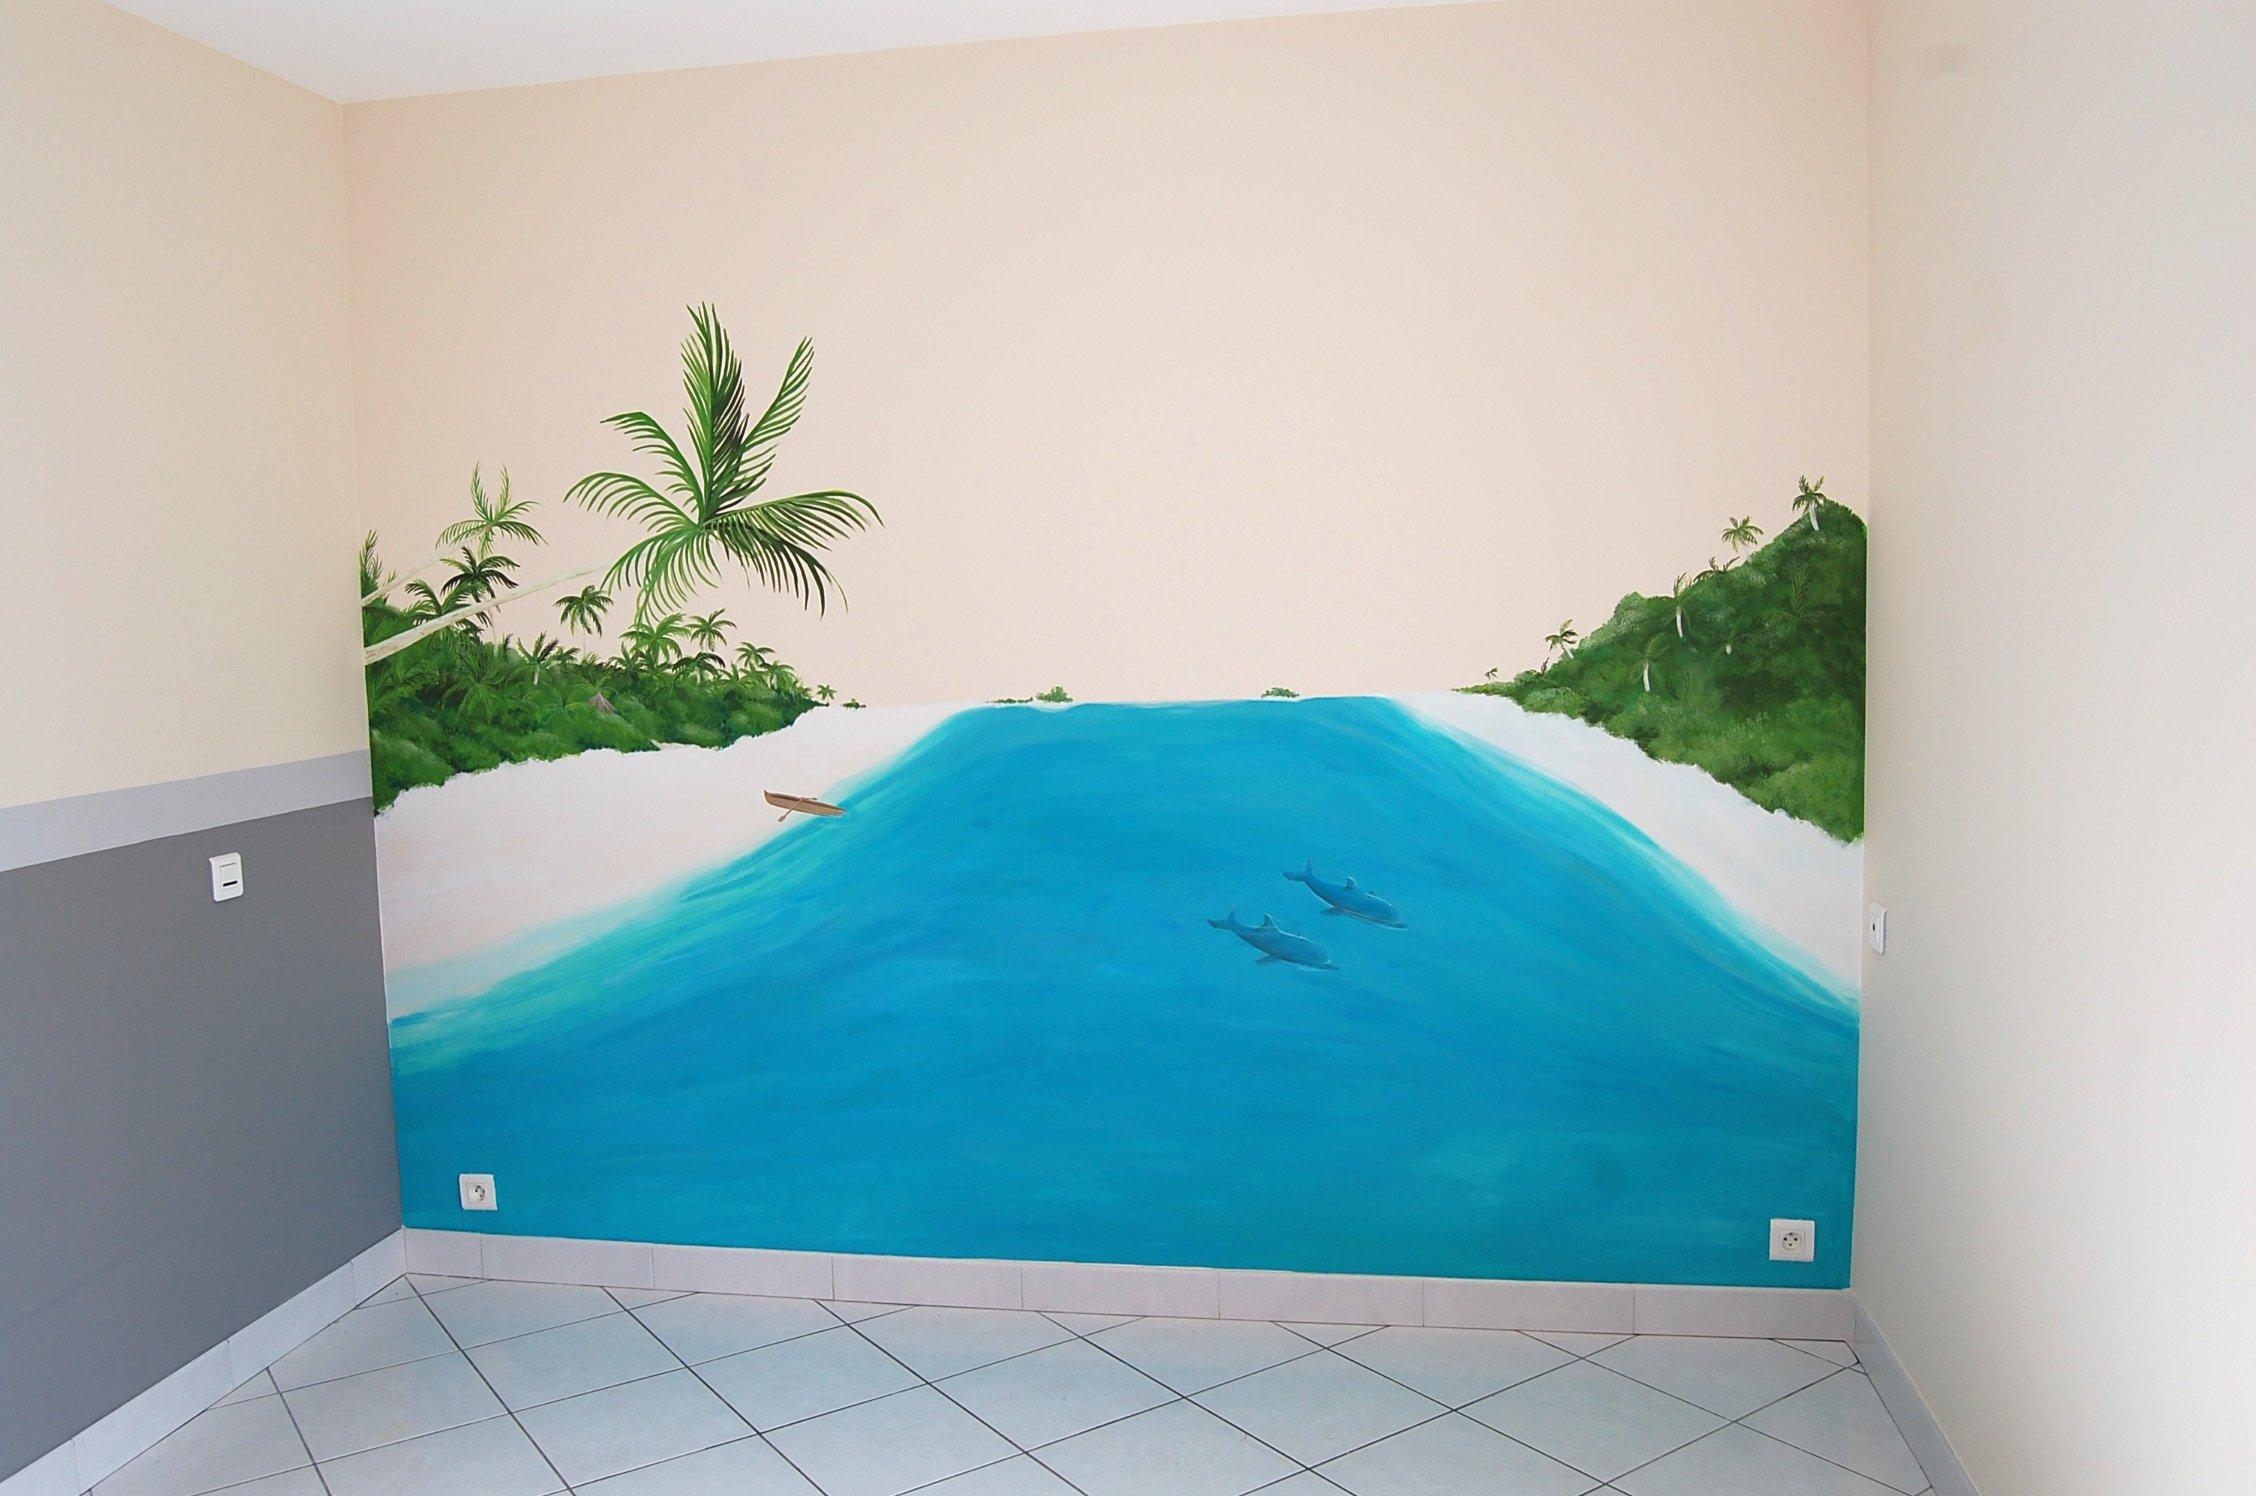 2012 mai atelier mur 39 mur. Black Bedroom Furniture Sets. Home Design Ideas